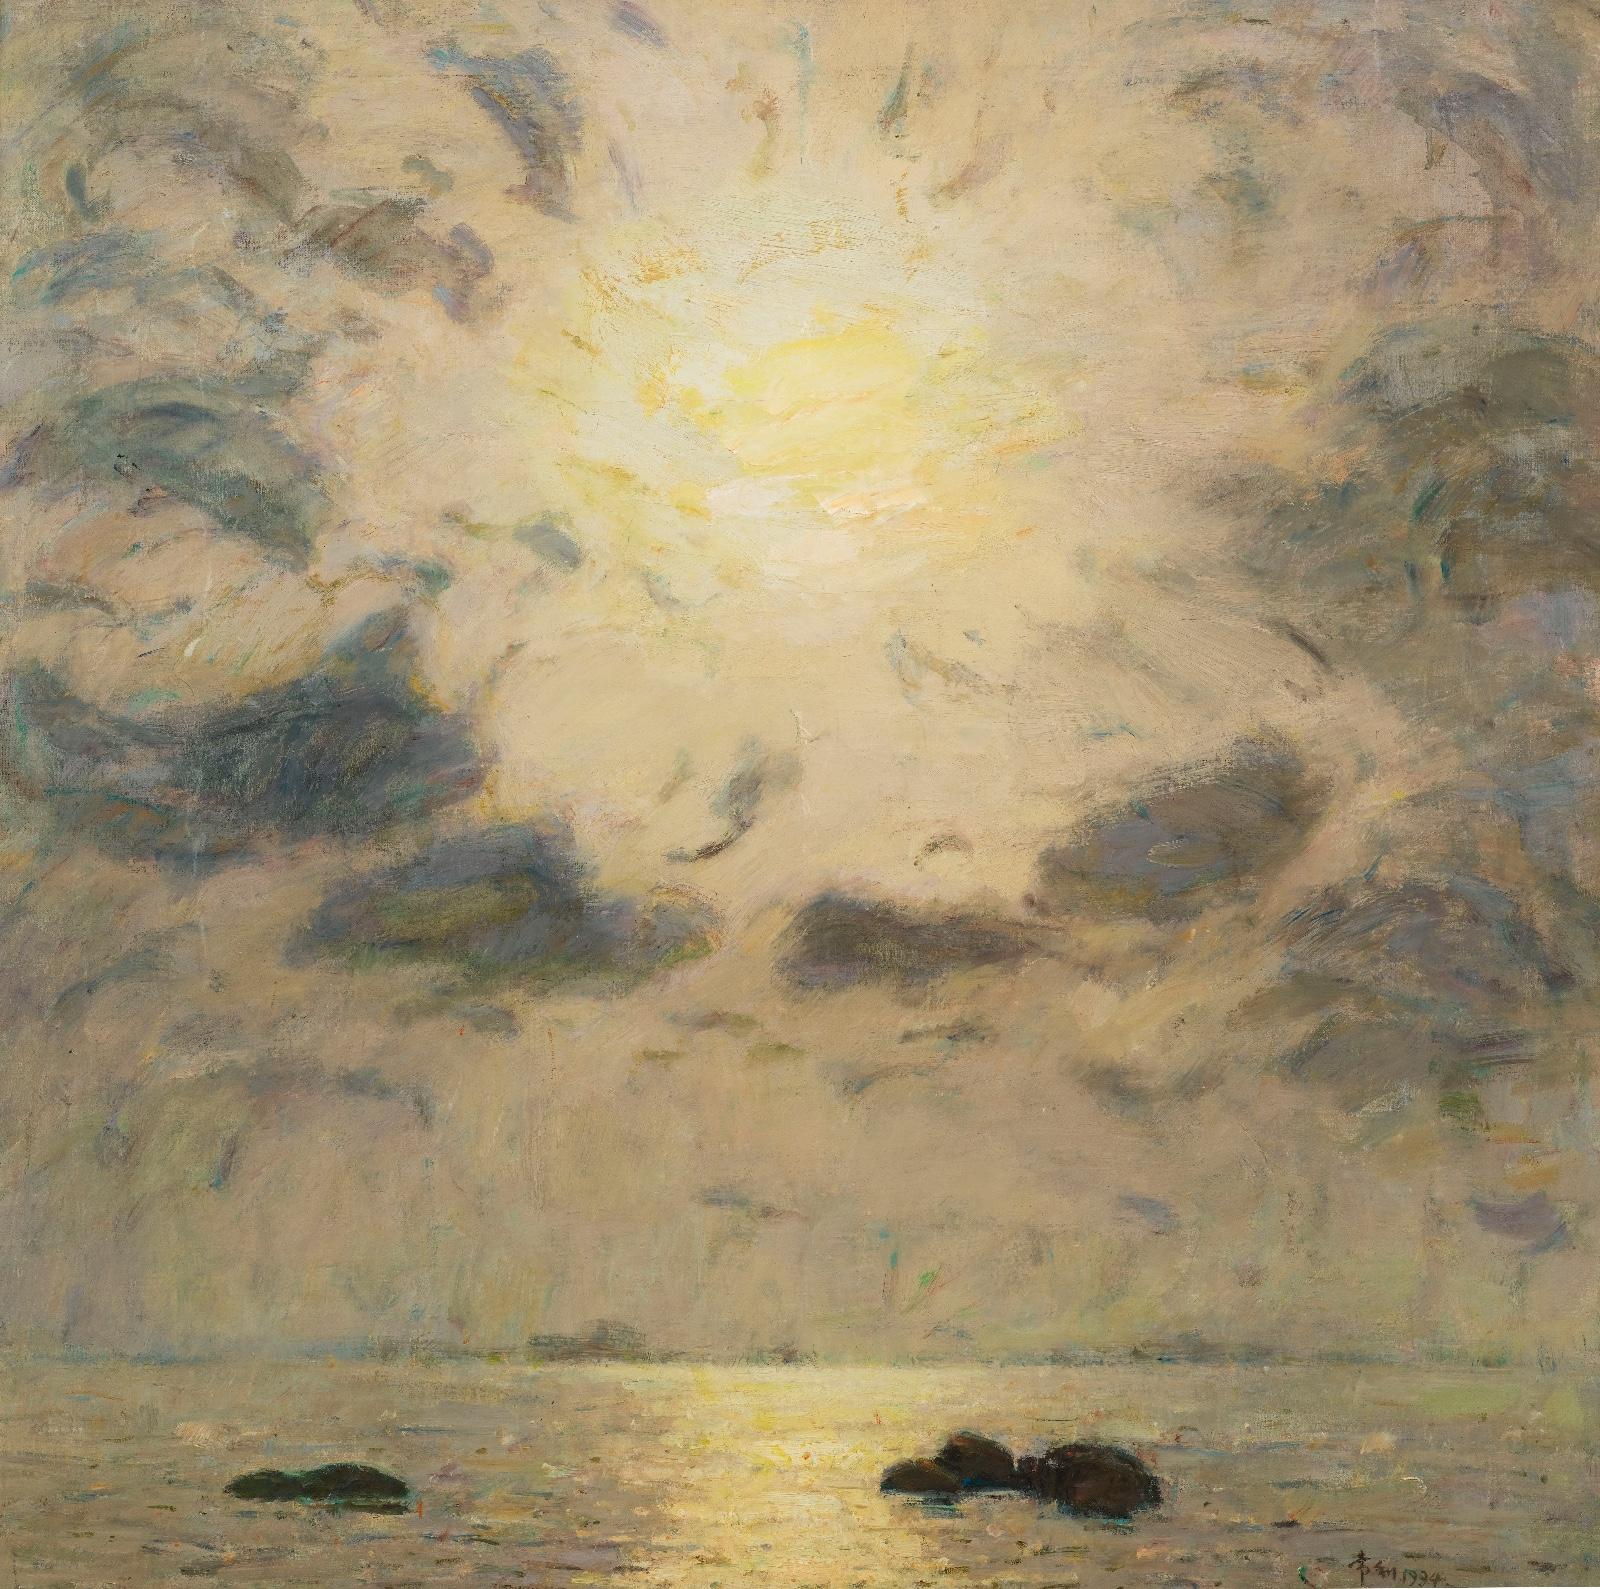 海之晨80cm×80cm1994年 马常利 亚麻布油画.jpg